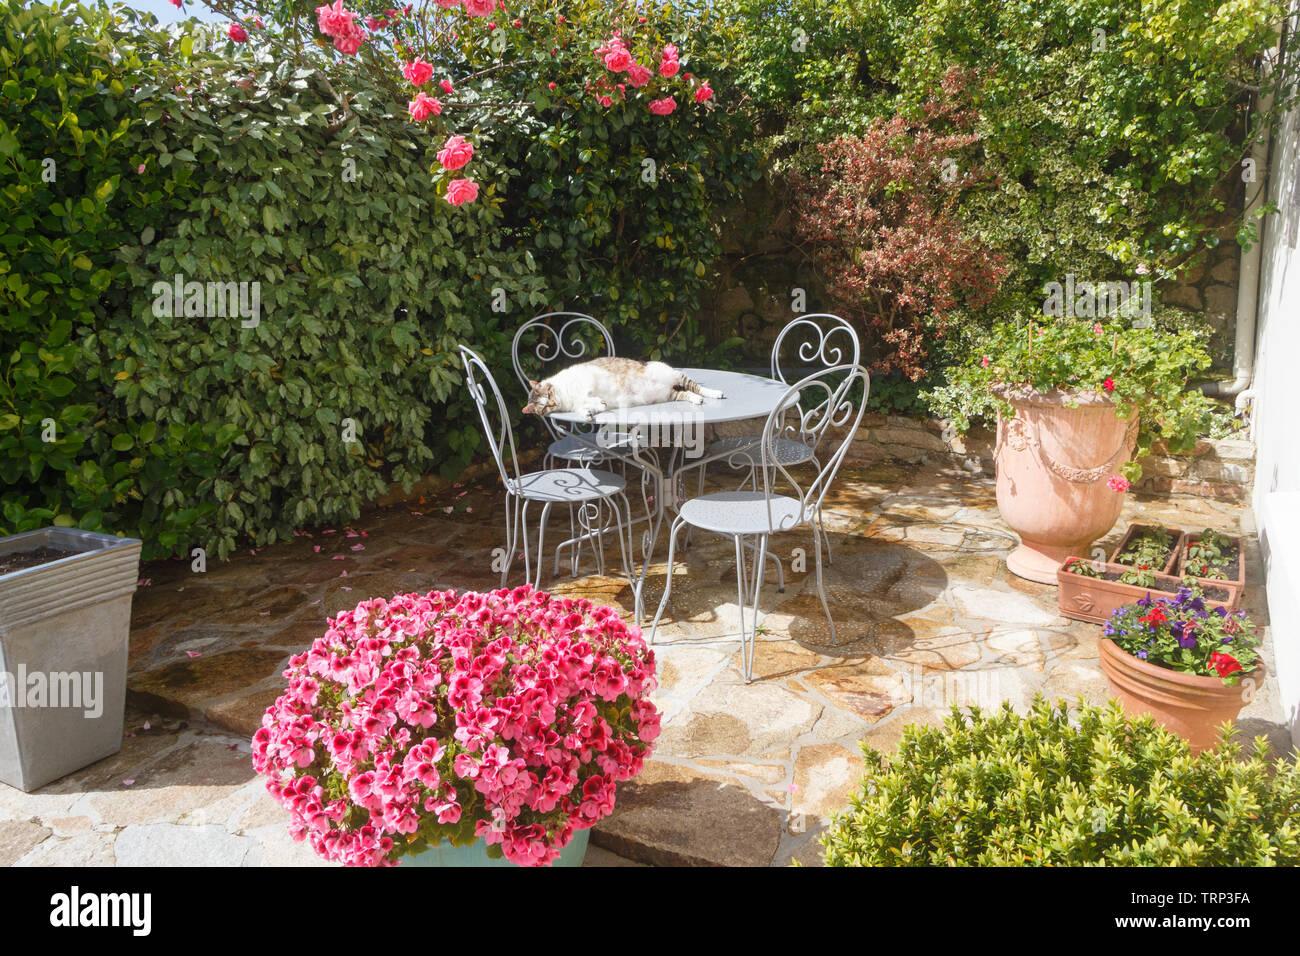 Terraza Con Muebles De Jardín Florecido En Hierro Forjado Y